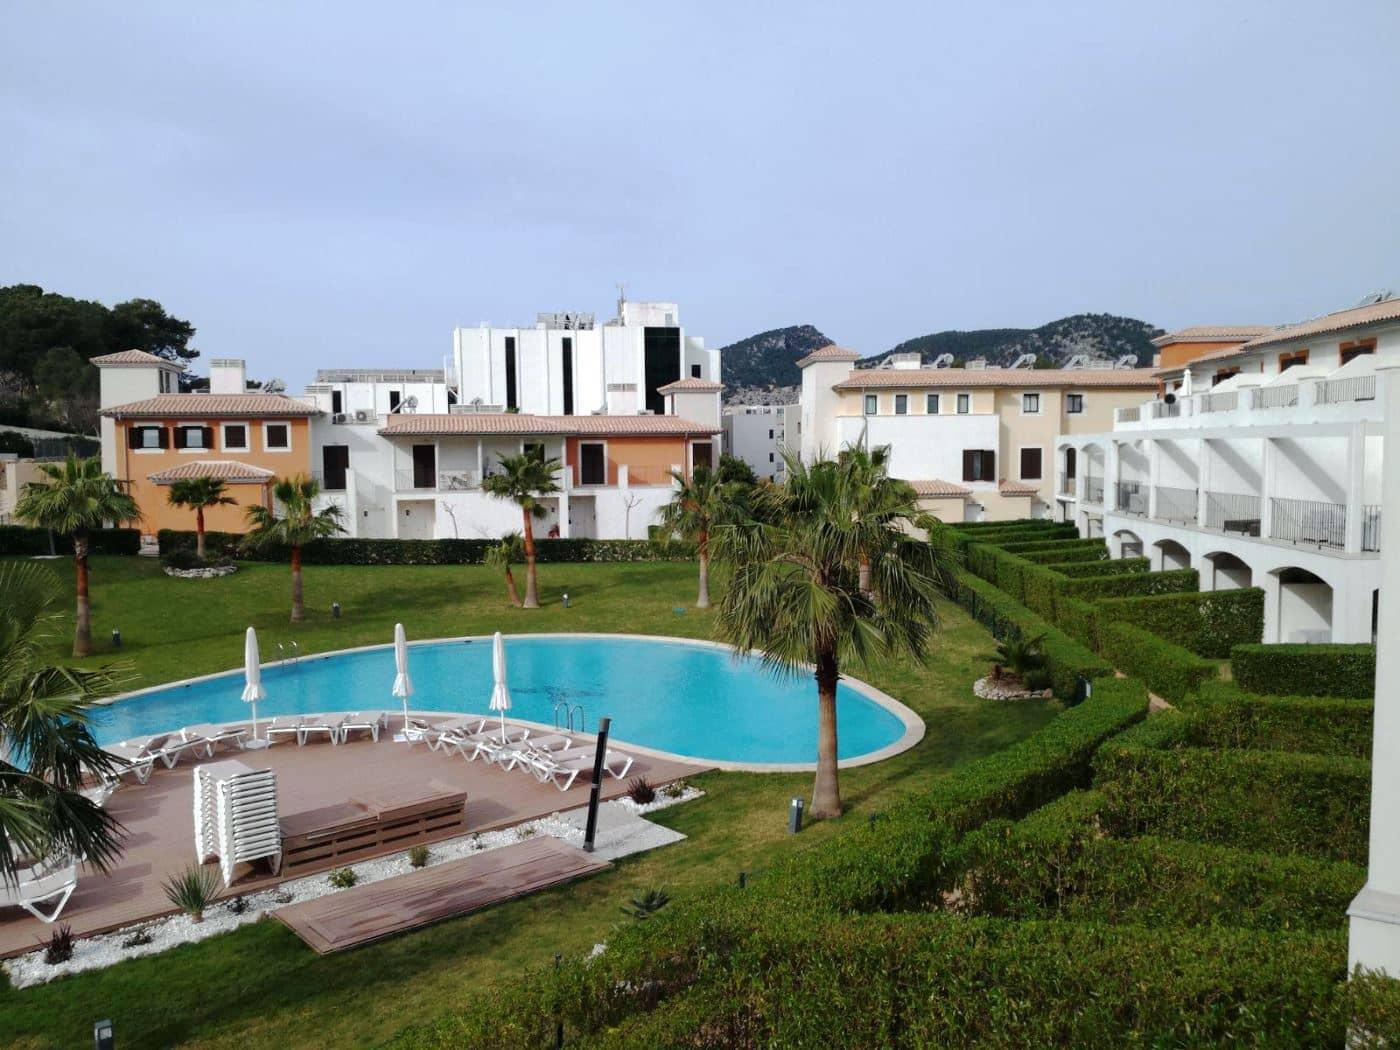 3 slaapkamer Huis te huur in Es Camp De Mar / El Camp De Mar met zwembad - € 2.500 (Ref: 4030848)